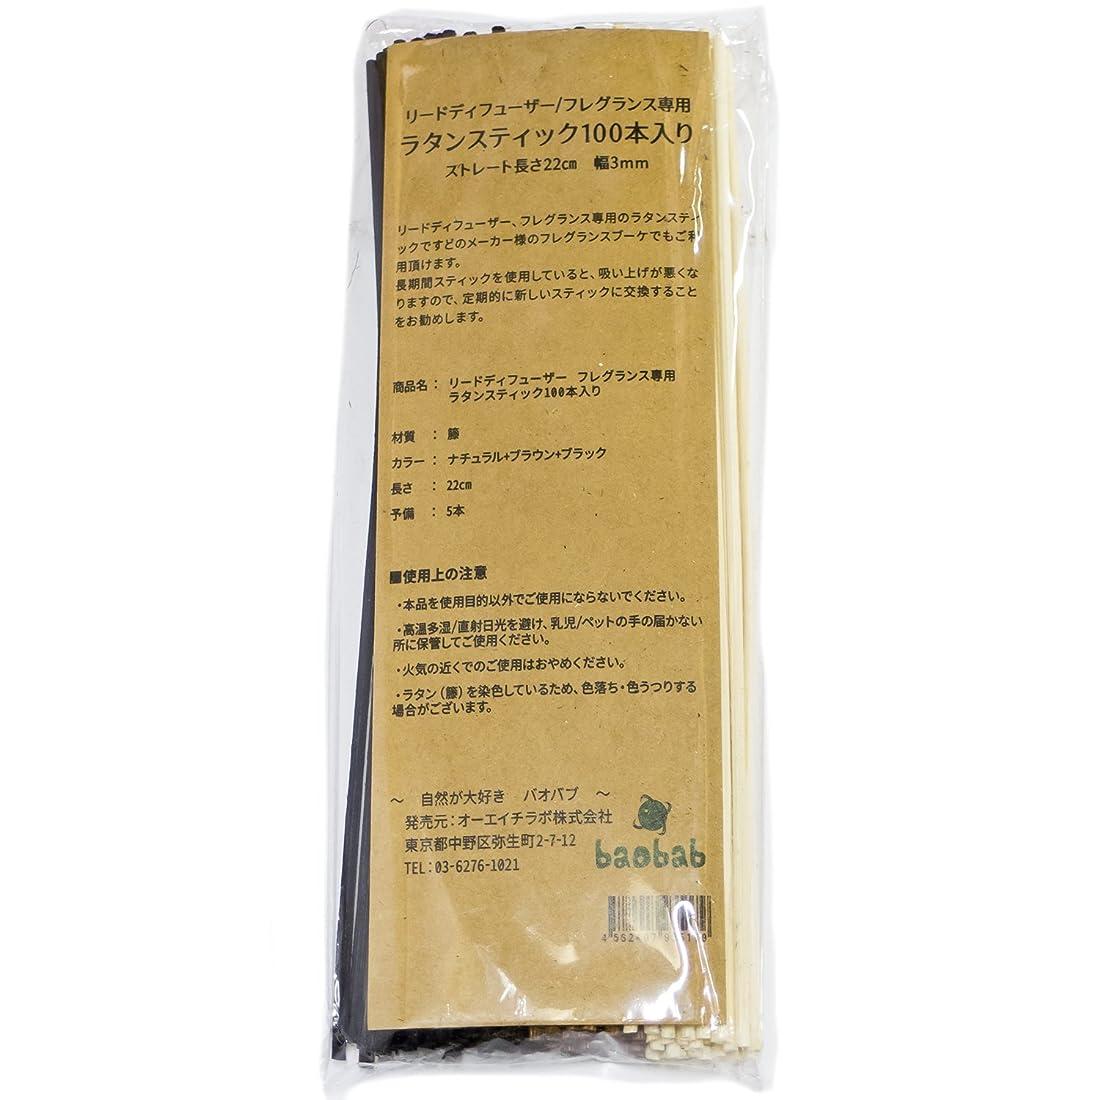 ジョージハンブリーモザイク美しいbaobab(バオバブ) リードディフューザー用 リードスティック リフィル [ラタン スティック] 22㎝ 100本 (ナチュラル/ブラック/ブラウン)